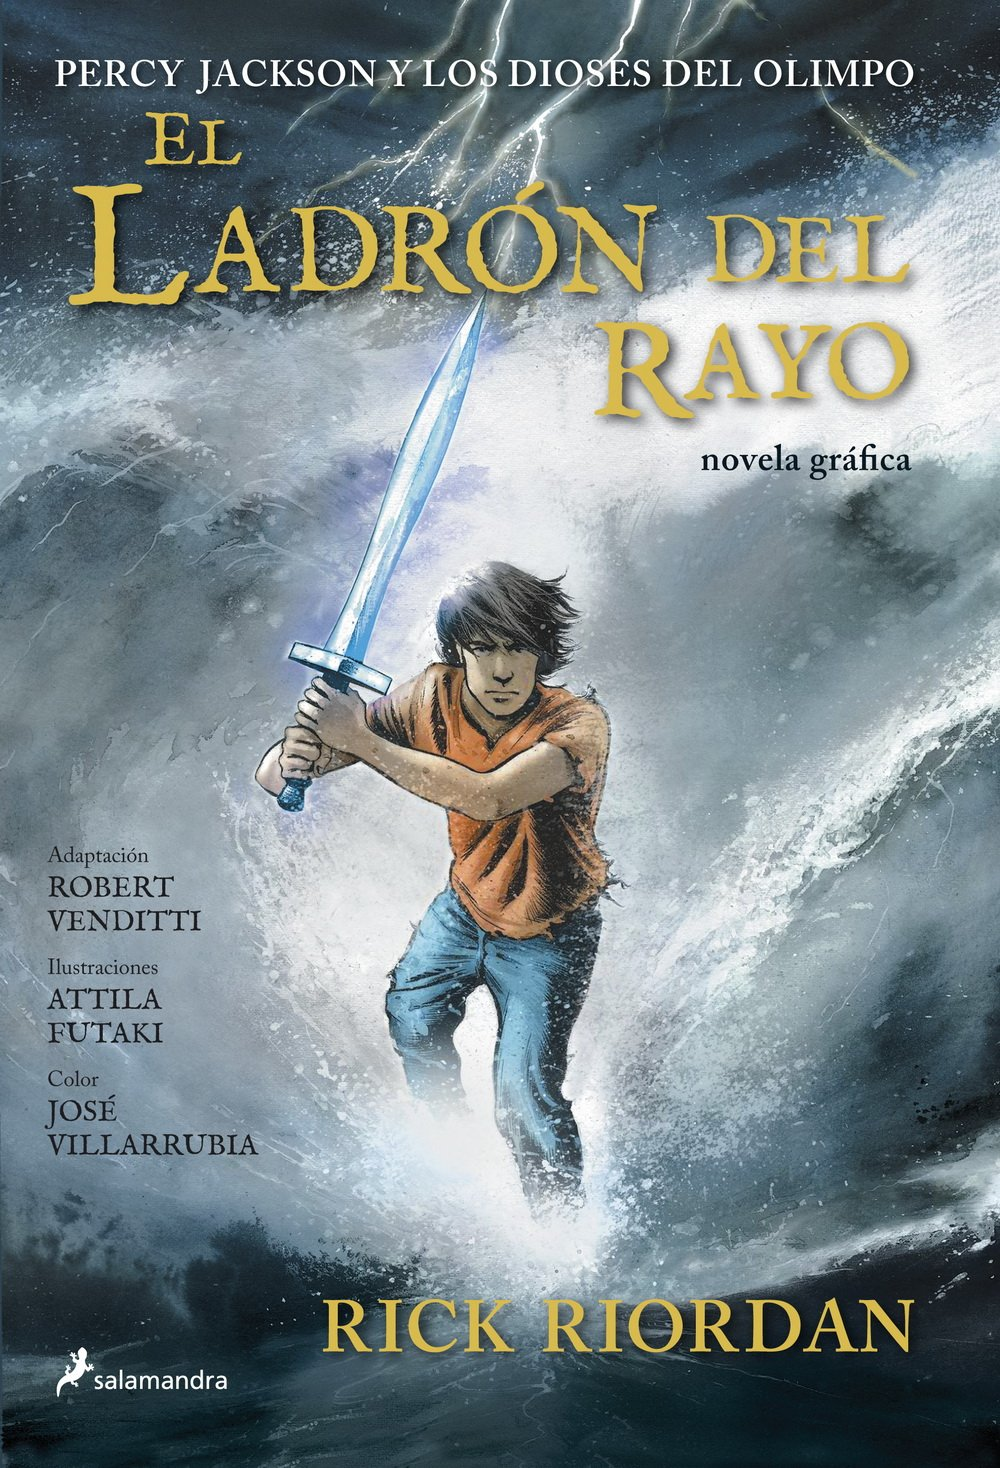 El ladrón del rayo: Percy Jackson y los Dioses del Olimpo I Novela Gráfica:  Amazon.es: Rick Riordan: Libros